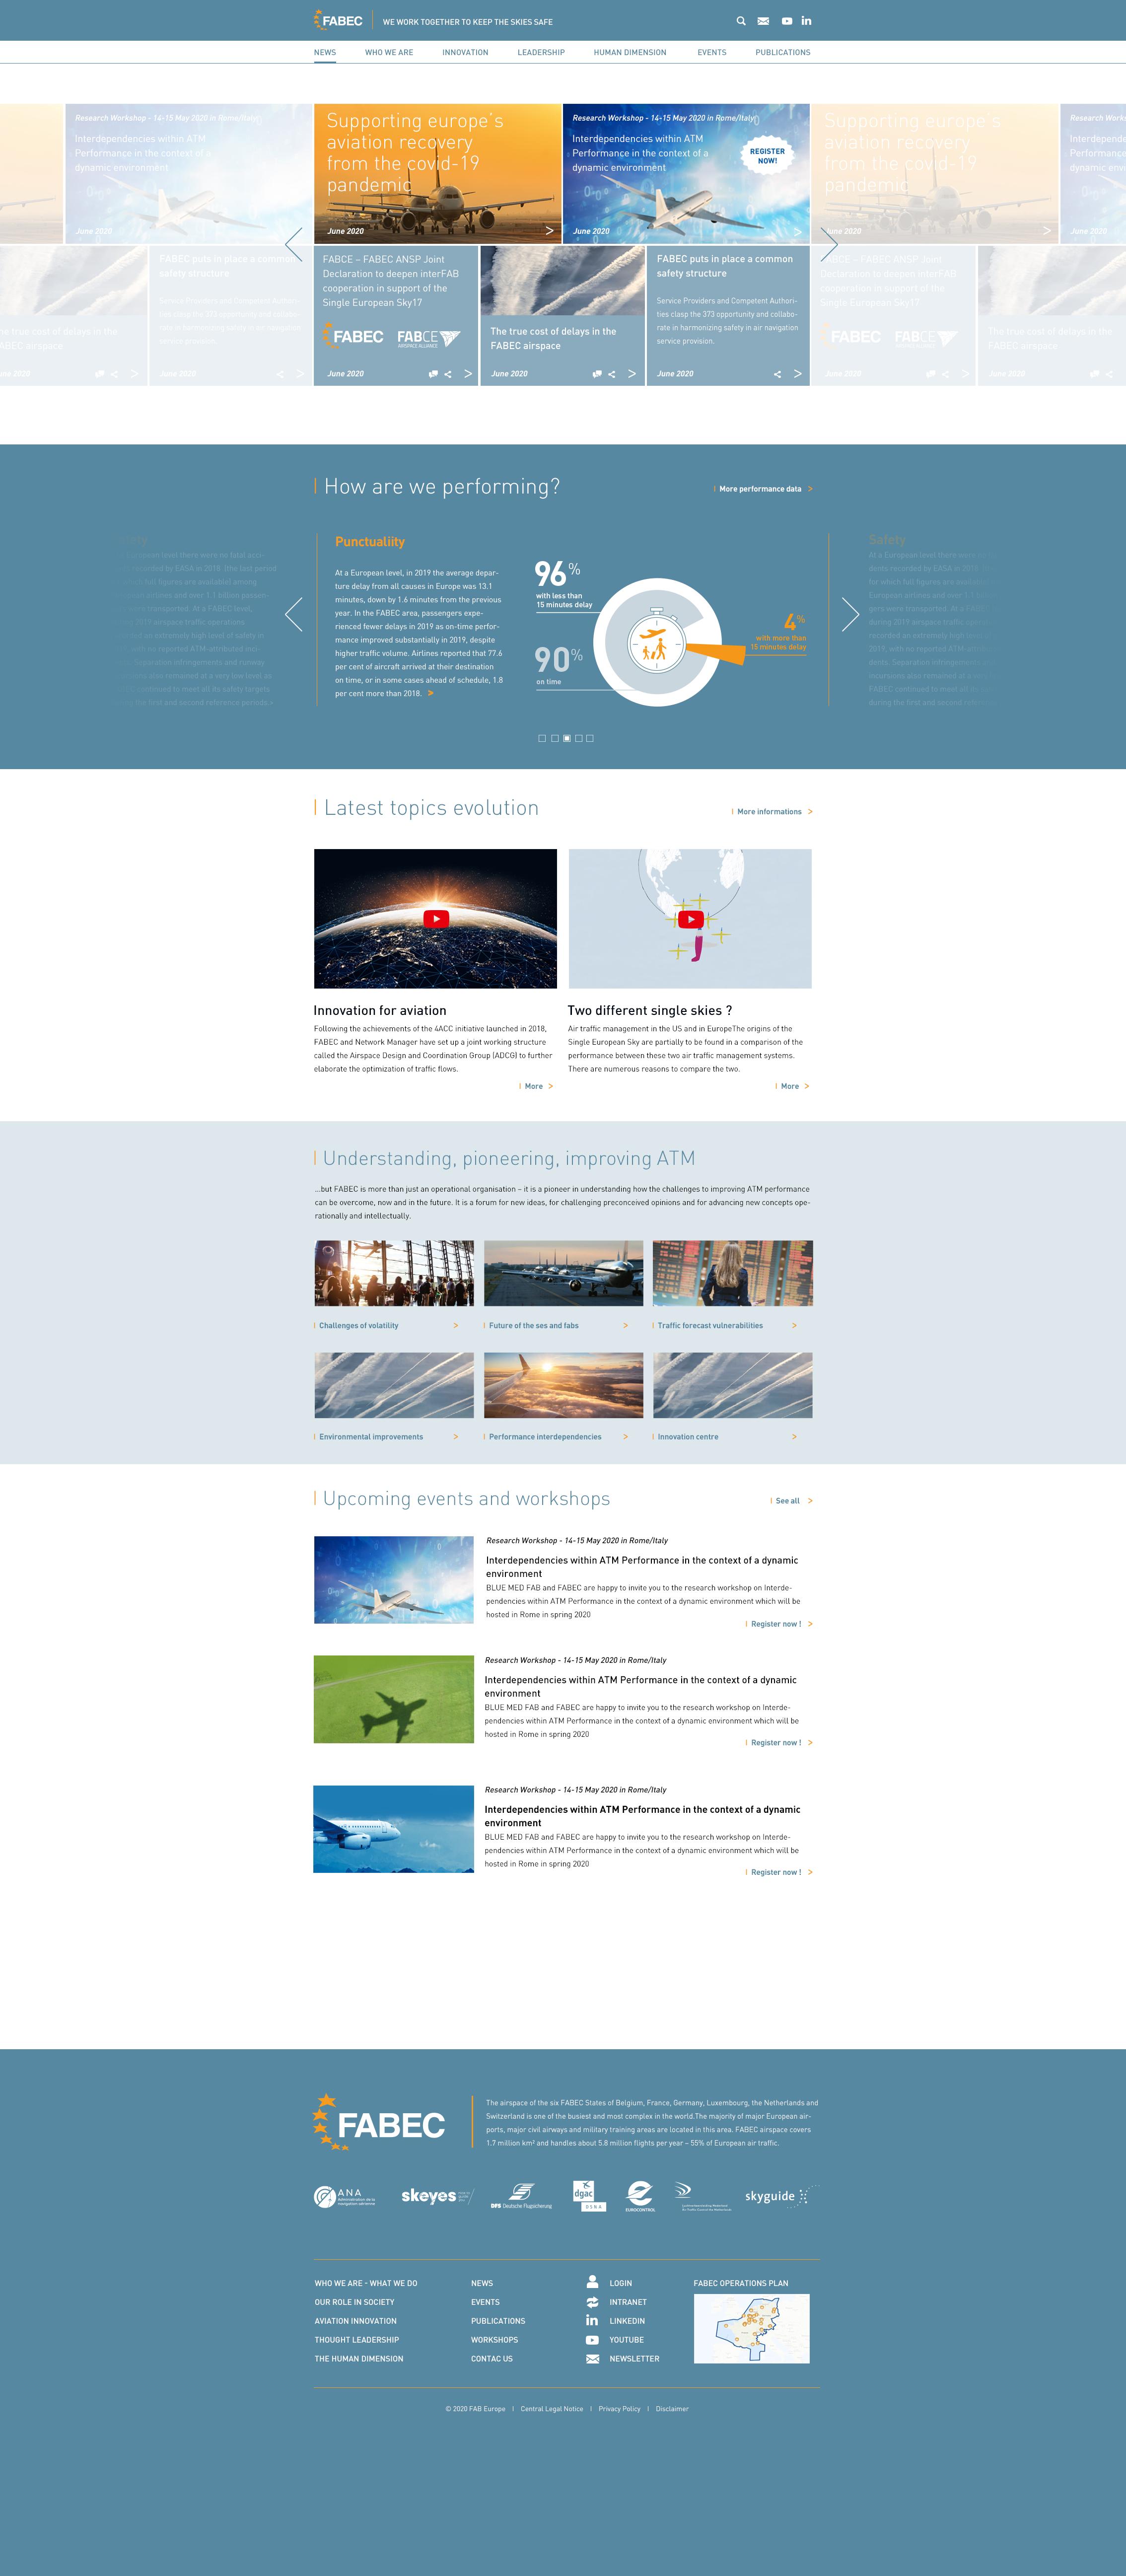 Fabec-design-large-news-v2.png